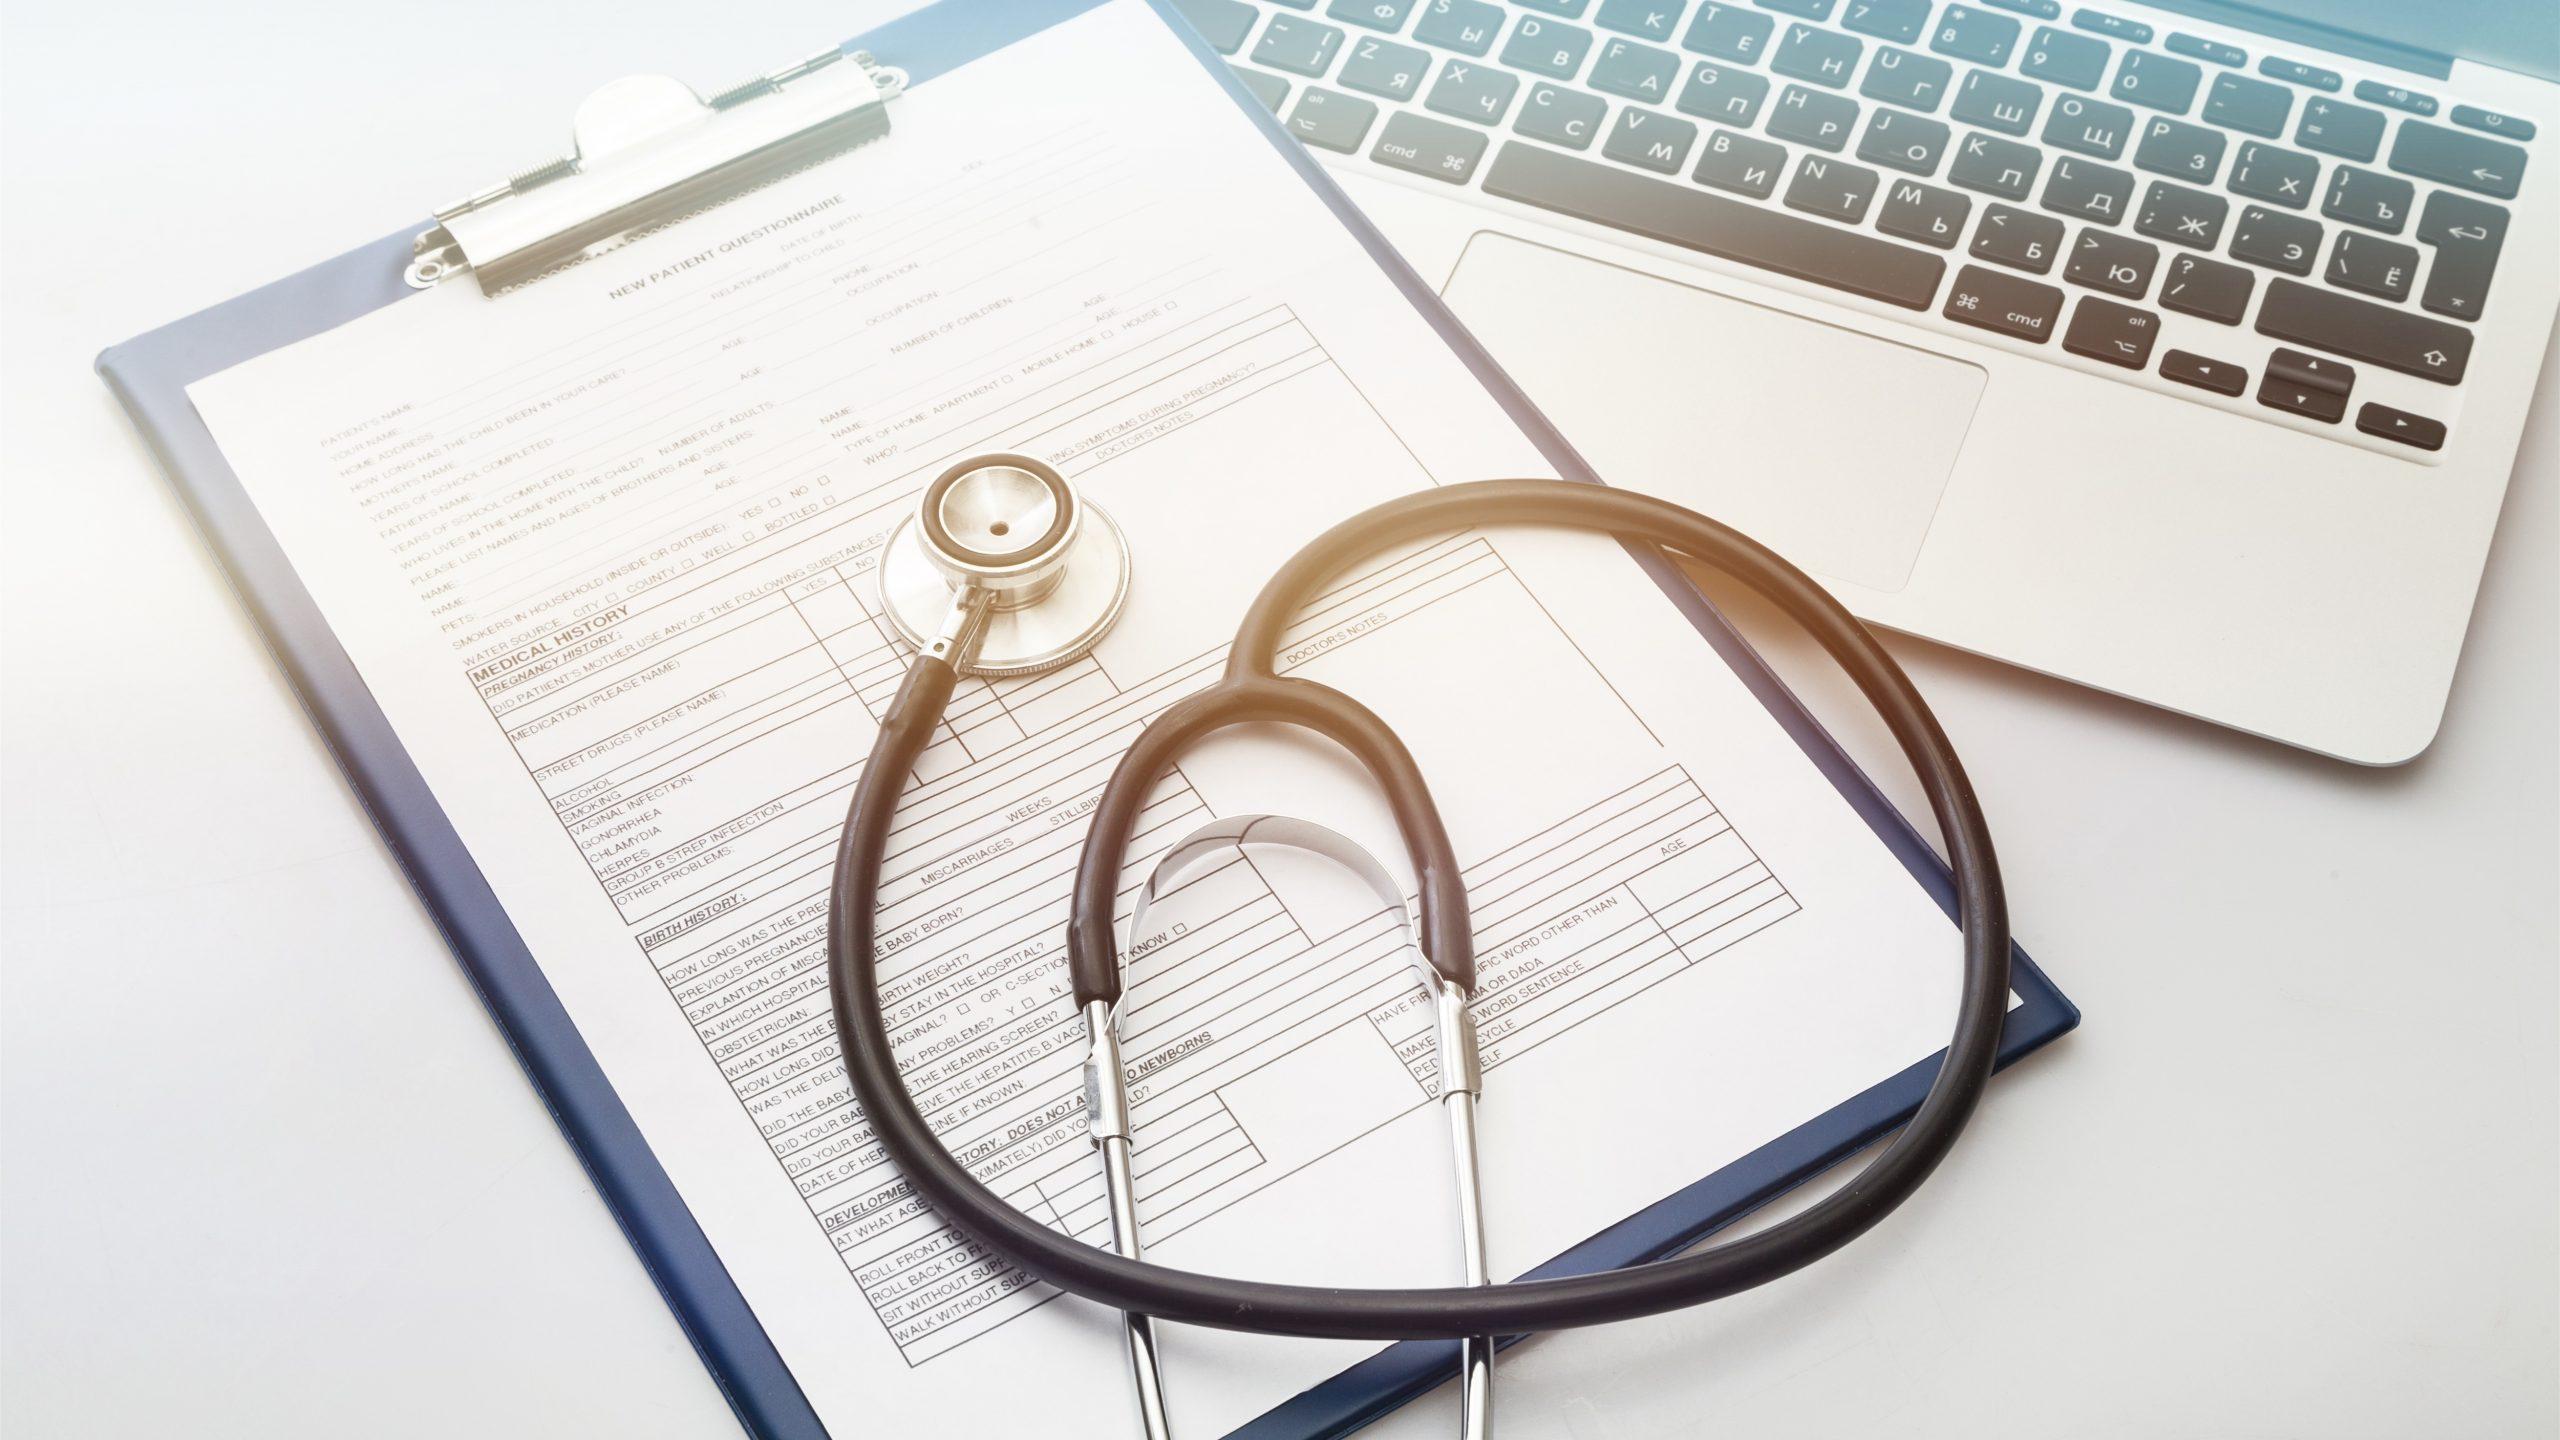 Prywatny: Szkolenie e-learningowe dla właścicieli i pracowników placówek medycznych